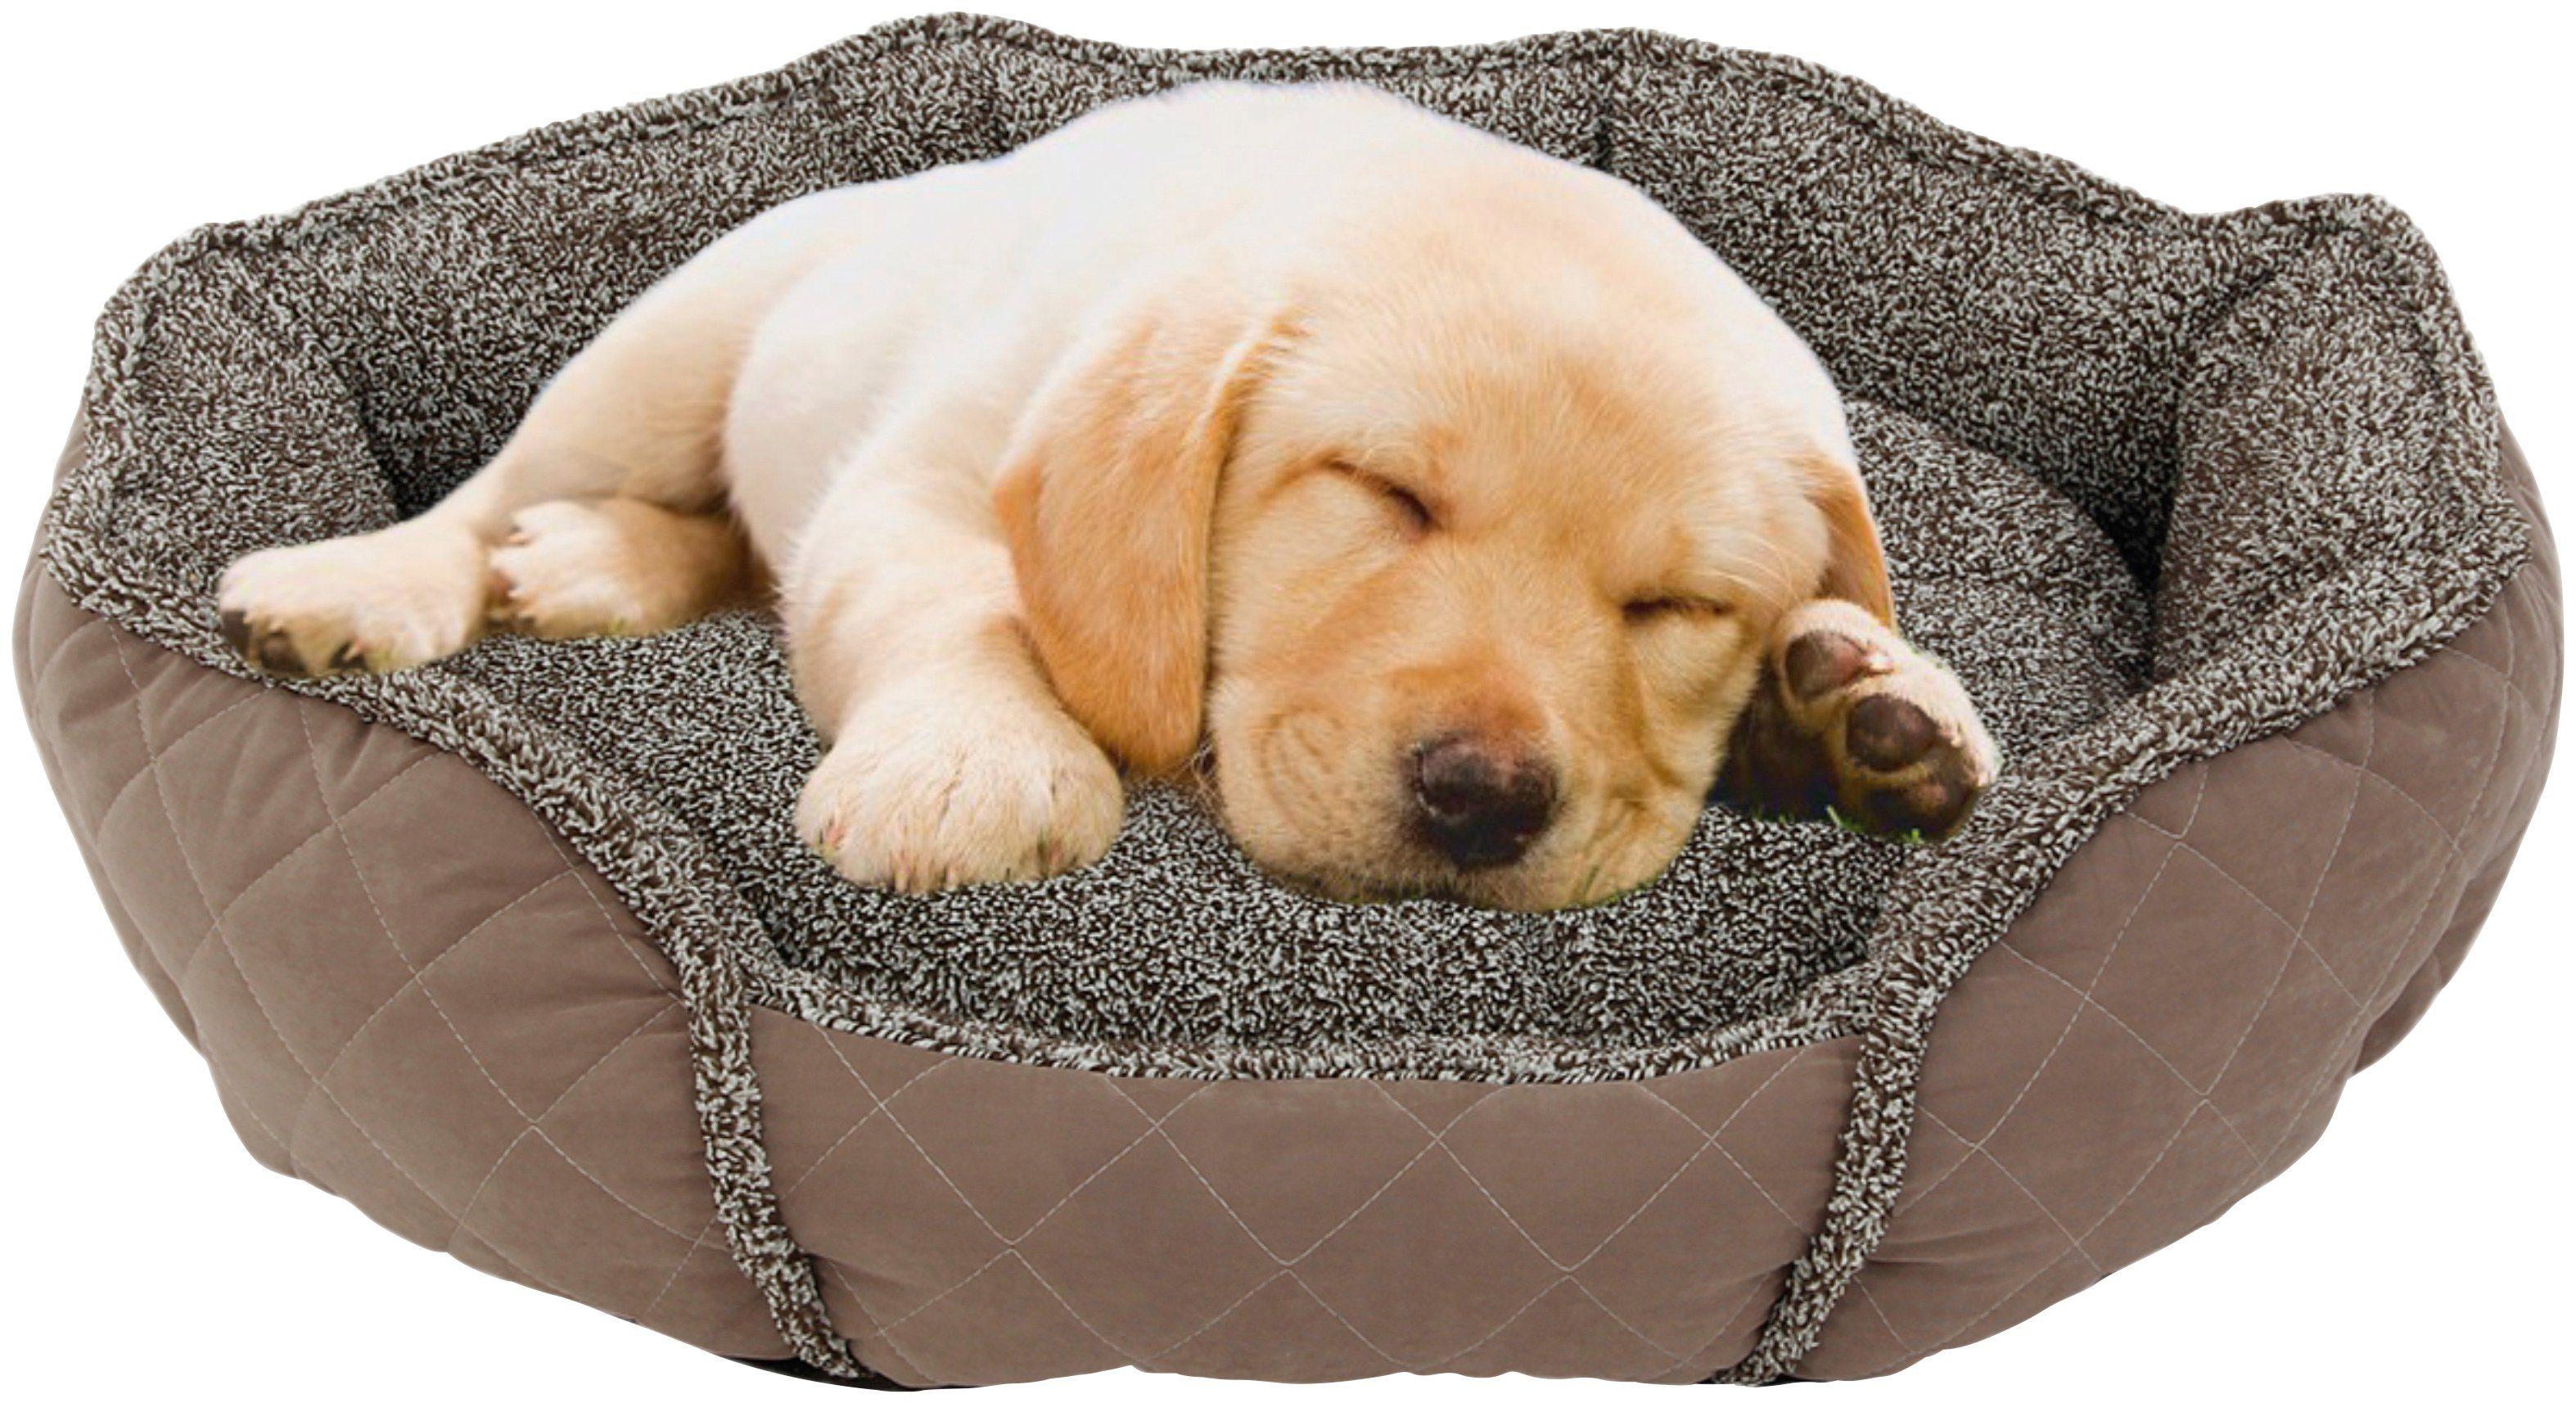 HEIM Hundebett und Katzenbett »Slurry«, BxLxH: 52x57x14 cm